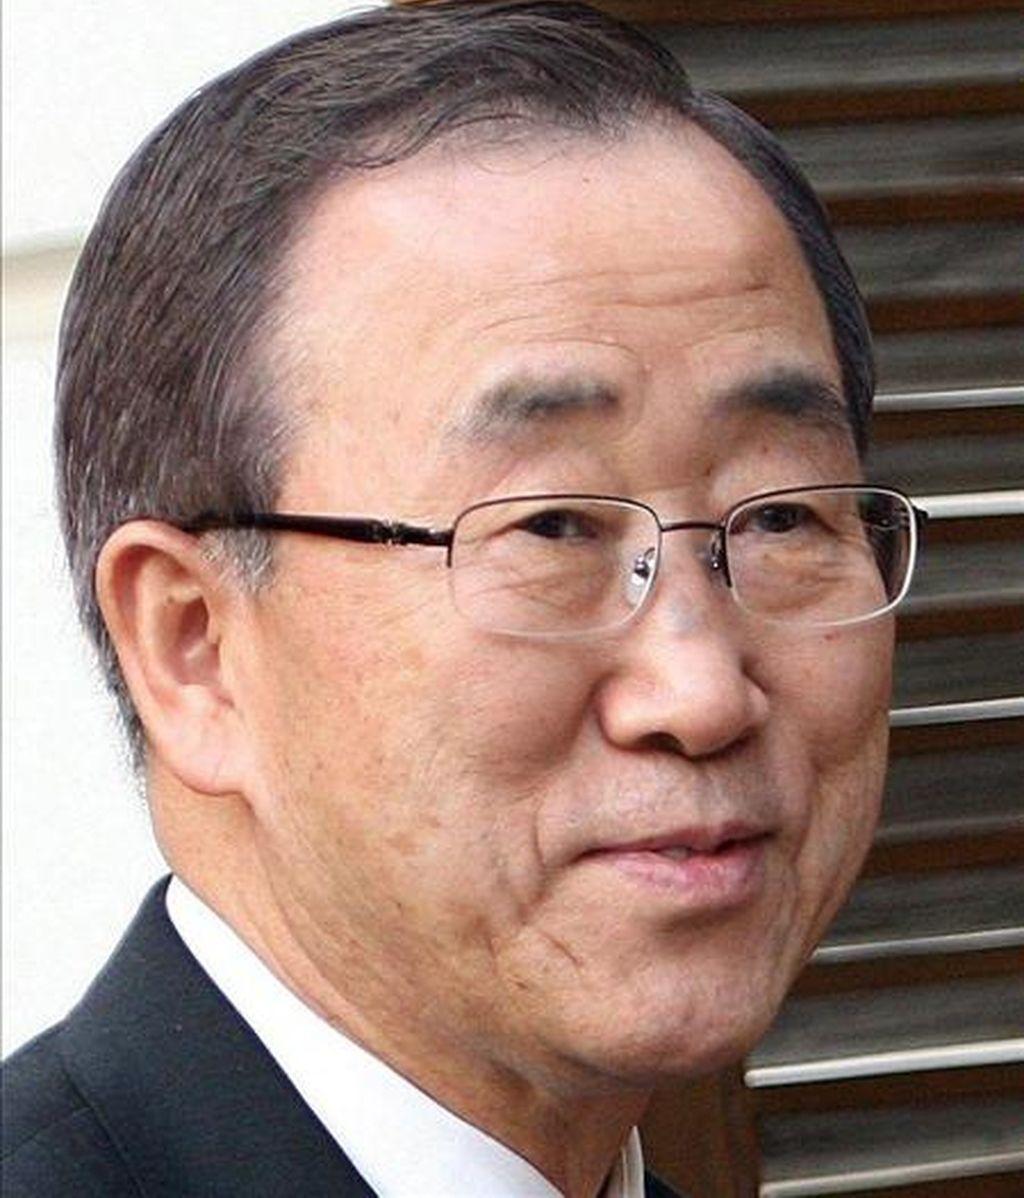 El secretario general de la ONU confirmó que el cambio climático también será el protagonista este año de la tradicional cumbre que el organismo convoca cada septiembre coincidiendo con la apertura del nuevo período de sesiones de la Asamblea General. EFE/Archivo